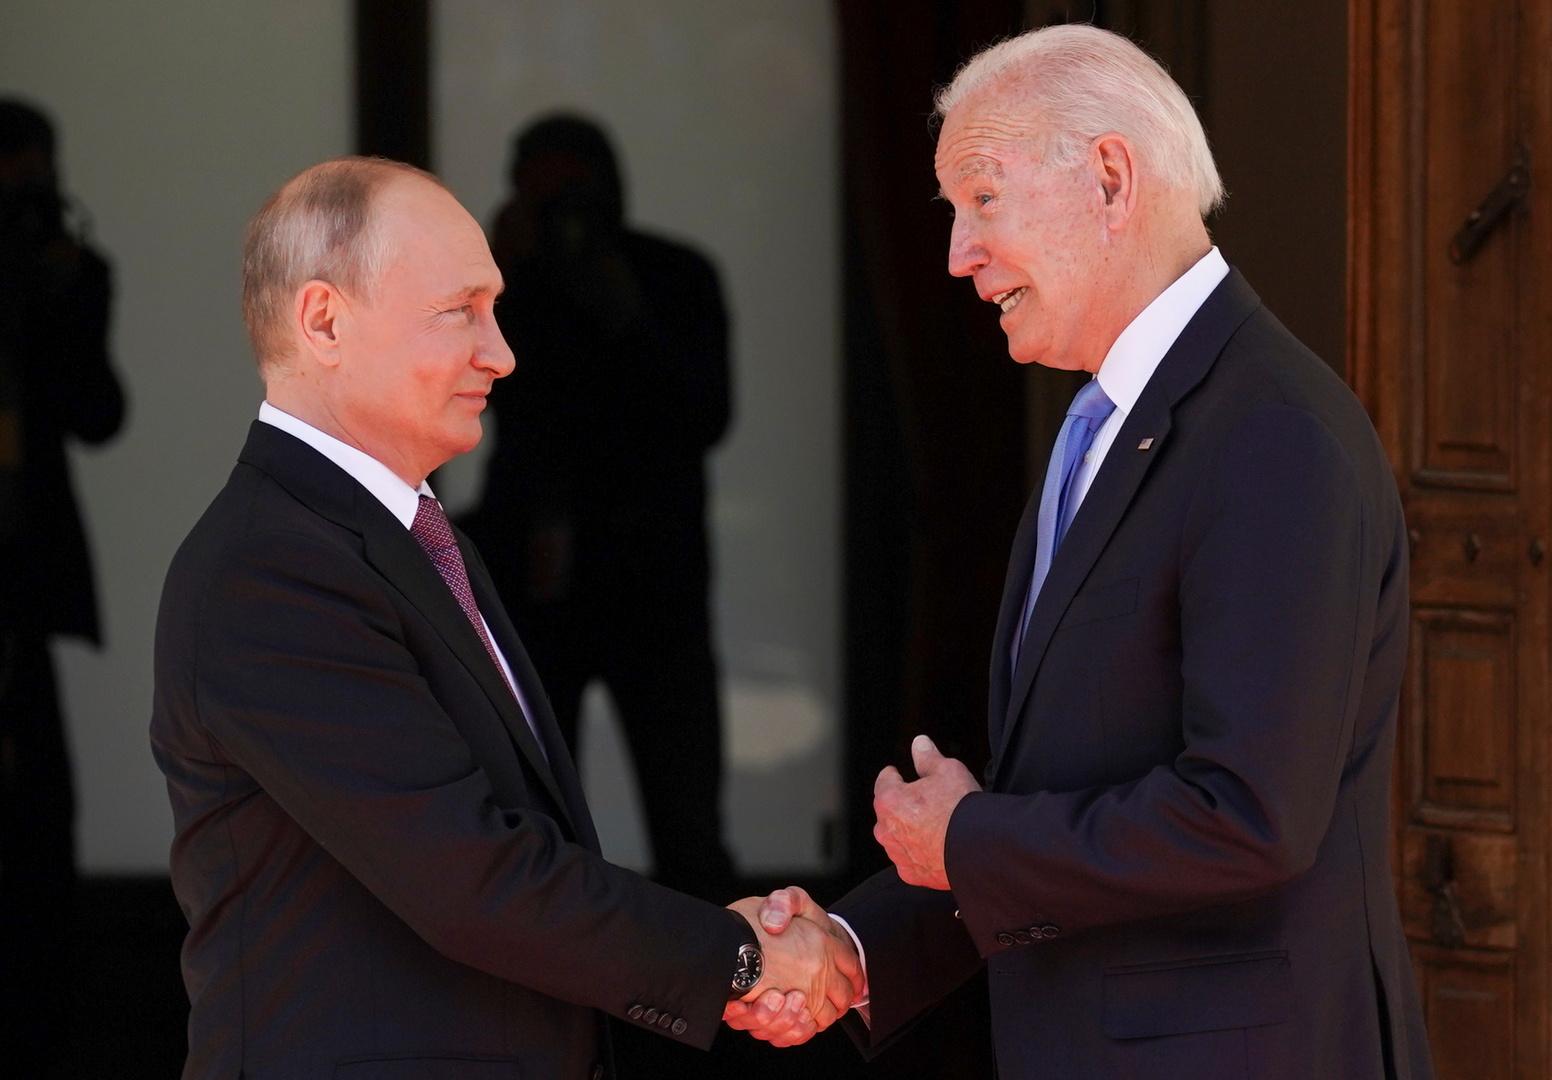 البيت الأبيض: قمة جنيف كانت مفيدة لأمريكا ونحتاج للتعامل مع بوتين